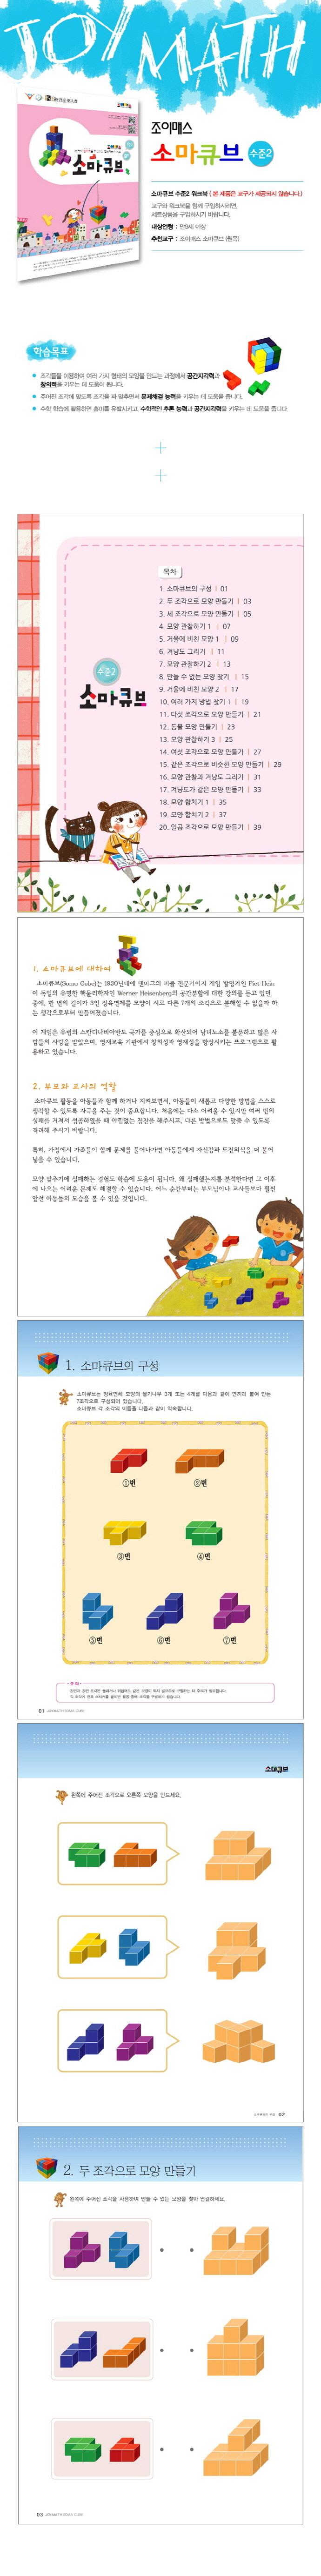 조이매스 소마큐브 수준 2 워크북 도서 상세이미지